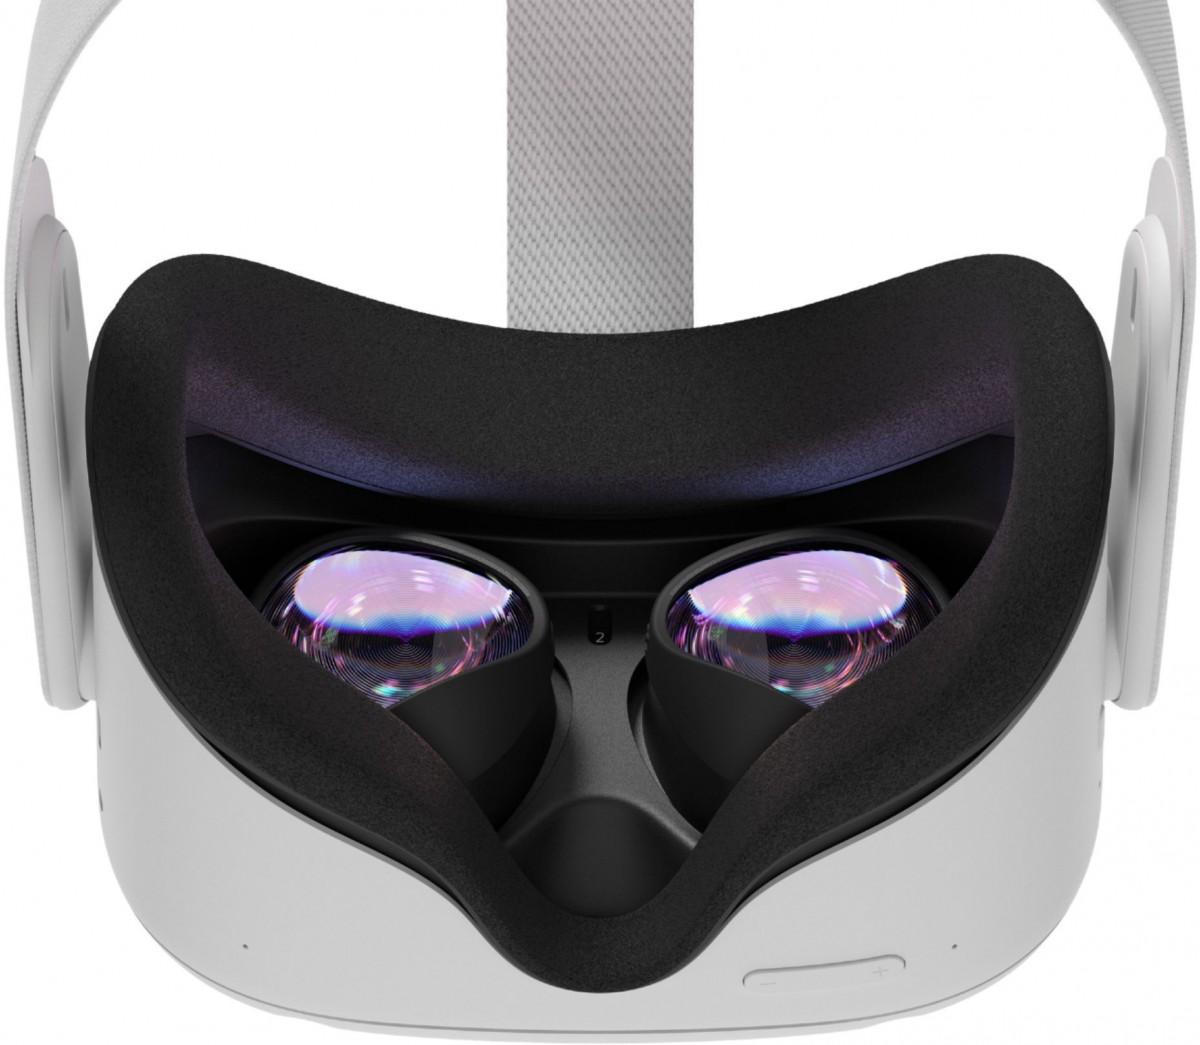 Комплект накладок для Oculus Quest 2